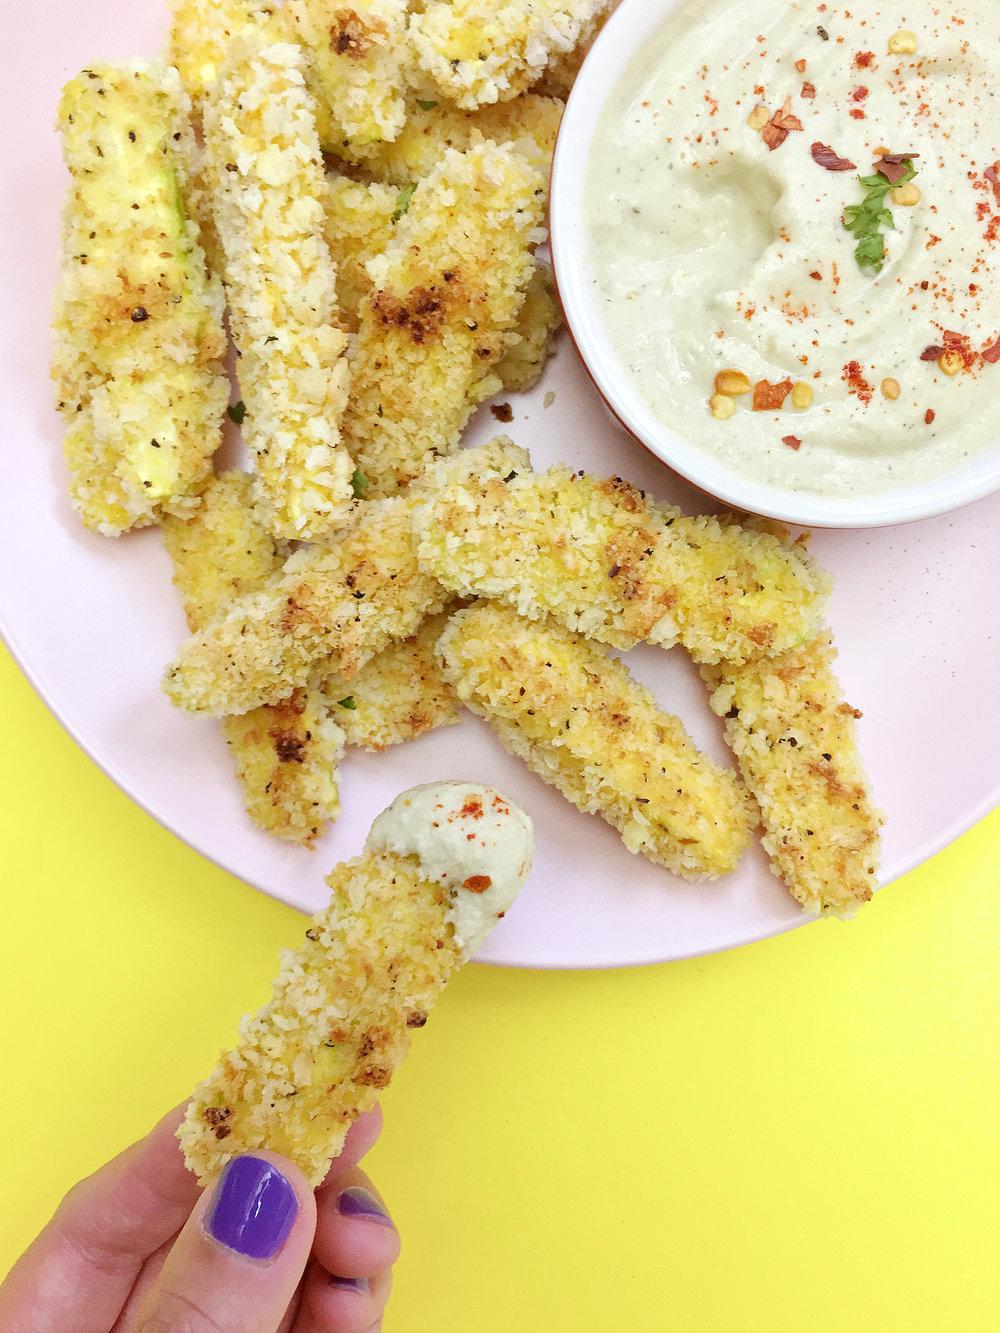 amy_chen_design_vegan_baked_panko_zucchini_sticks_fries_garlic_cashew_cream_sauce_dip_hand.jpg